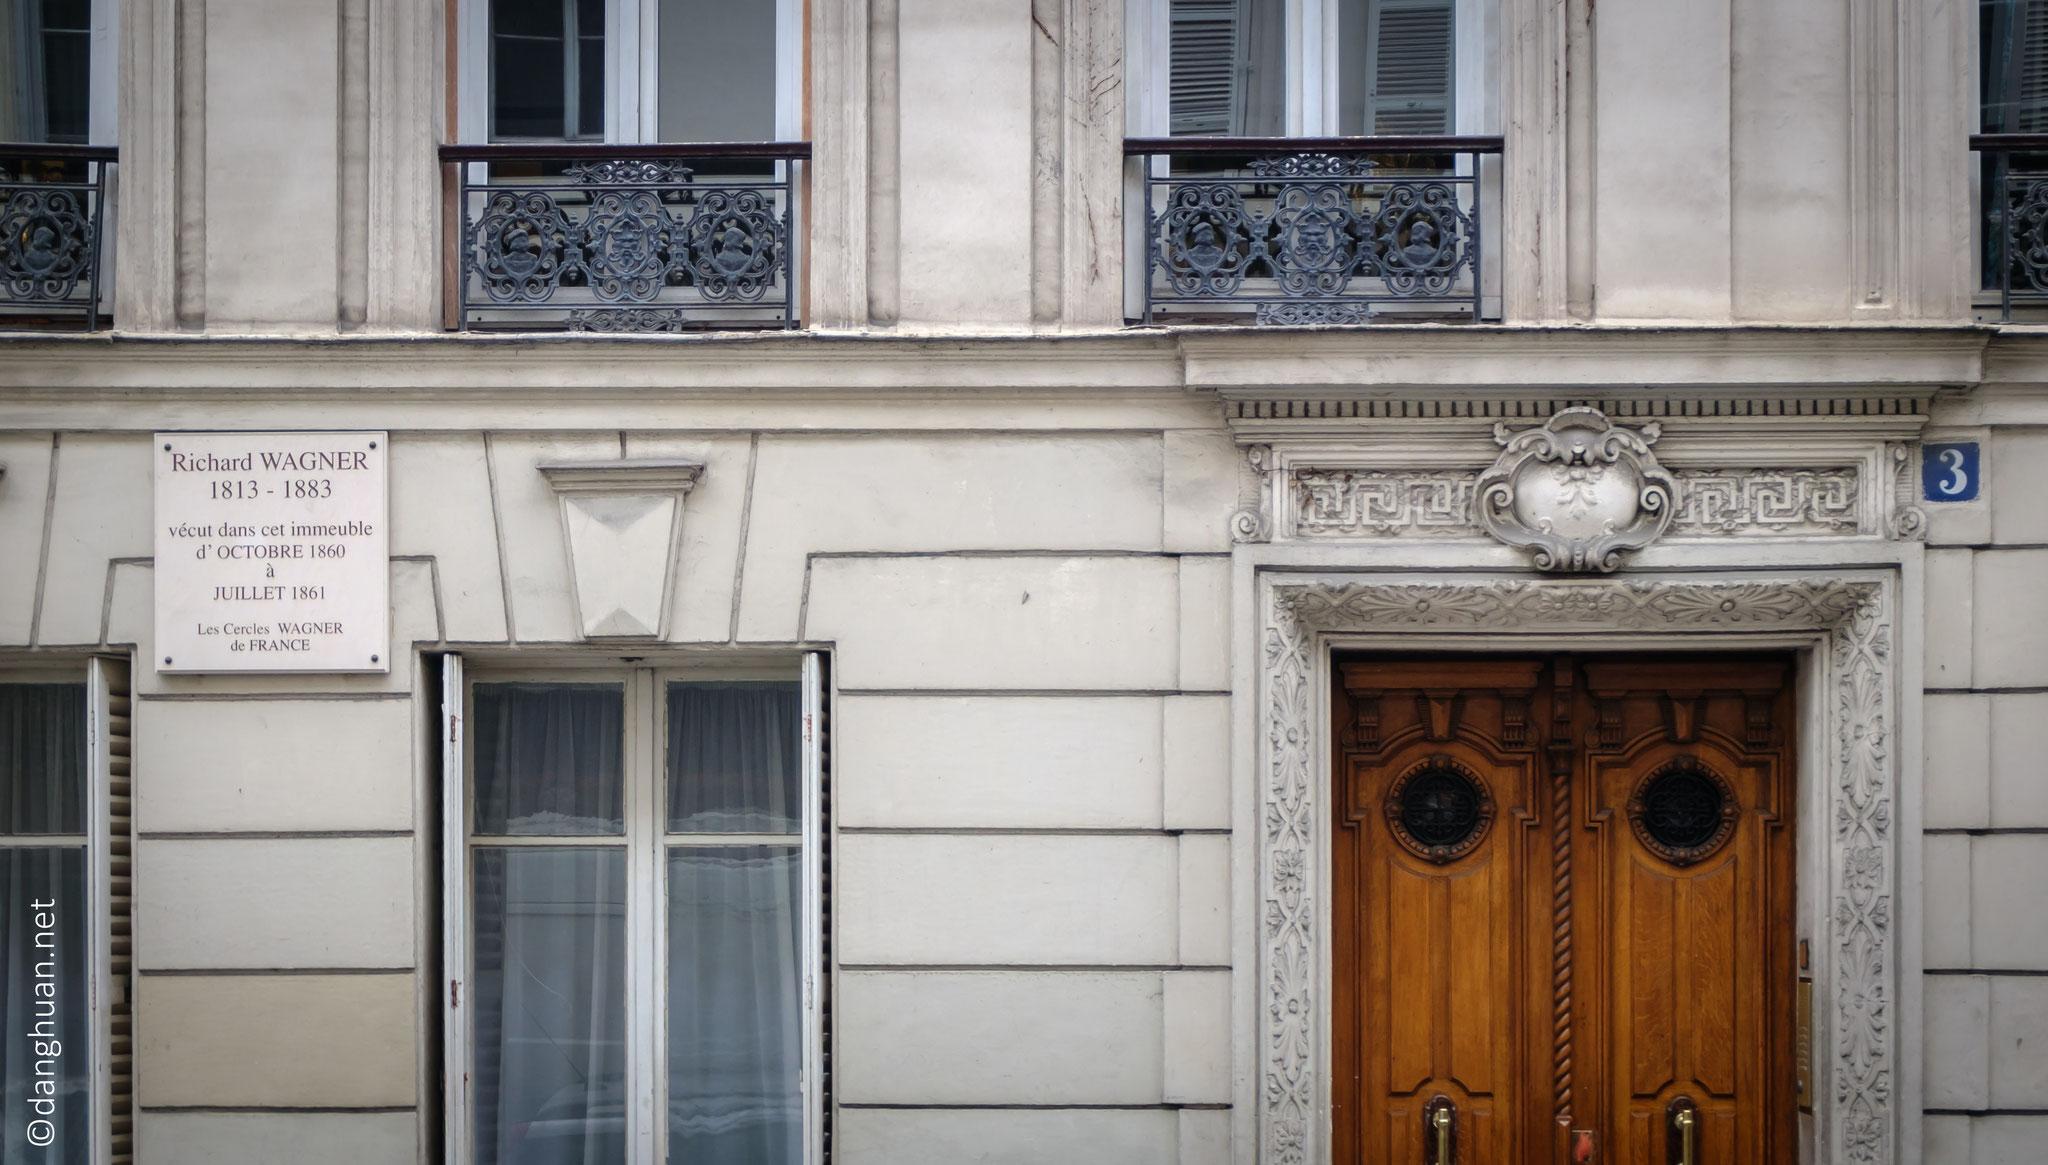 Immeuble où vécut Richard Wagner entre 1860 et 1861 - Rue d'Aumale